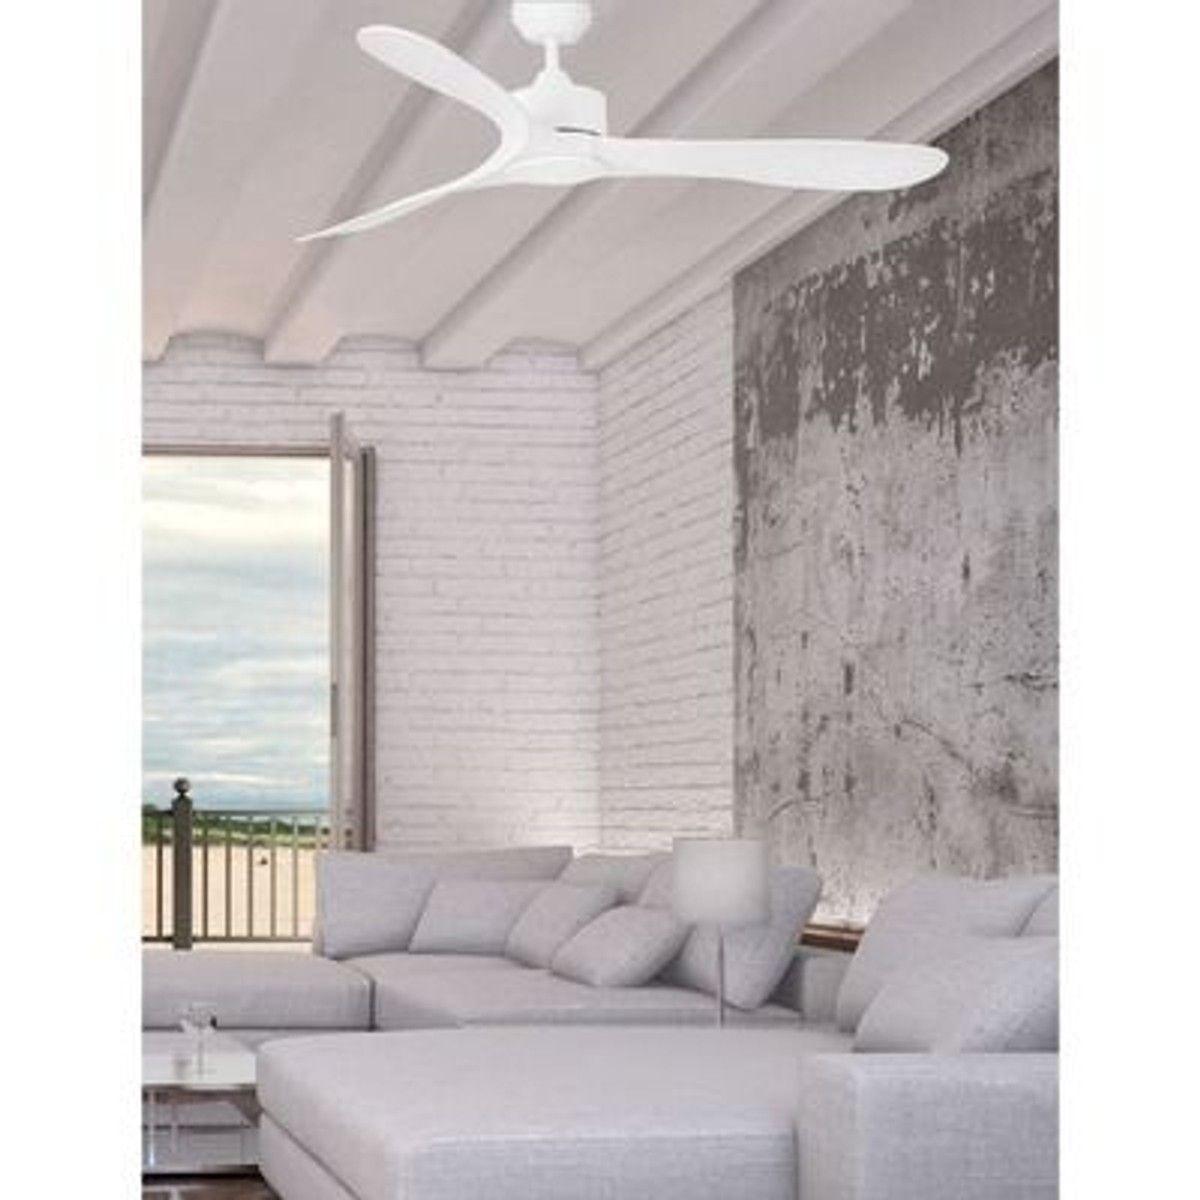 Ventilateur Luzon 132cm Blanc Taille Taille Unique Ventilateur Plafond Ventilateur Et Plafond